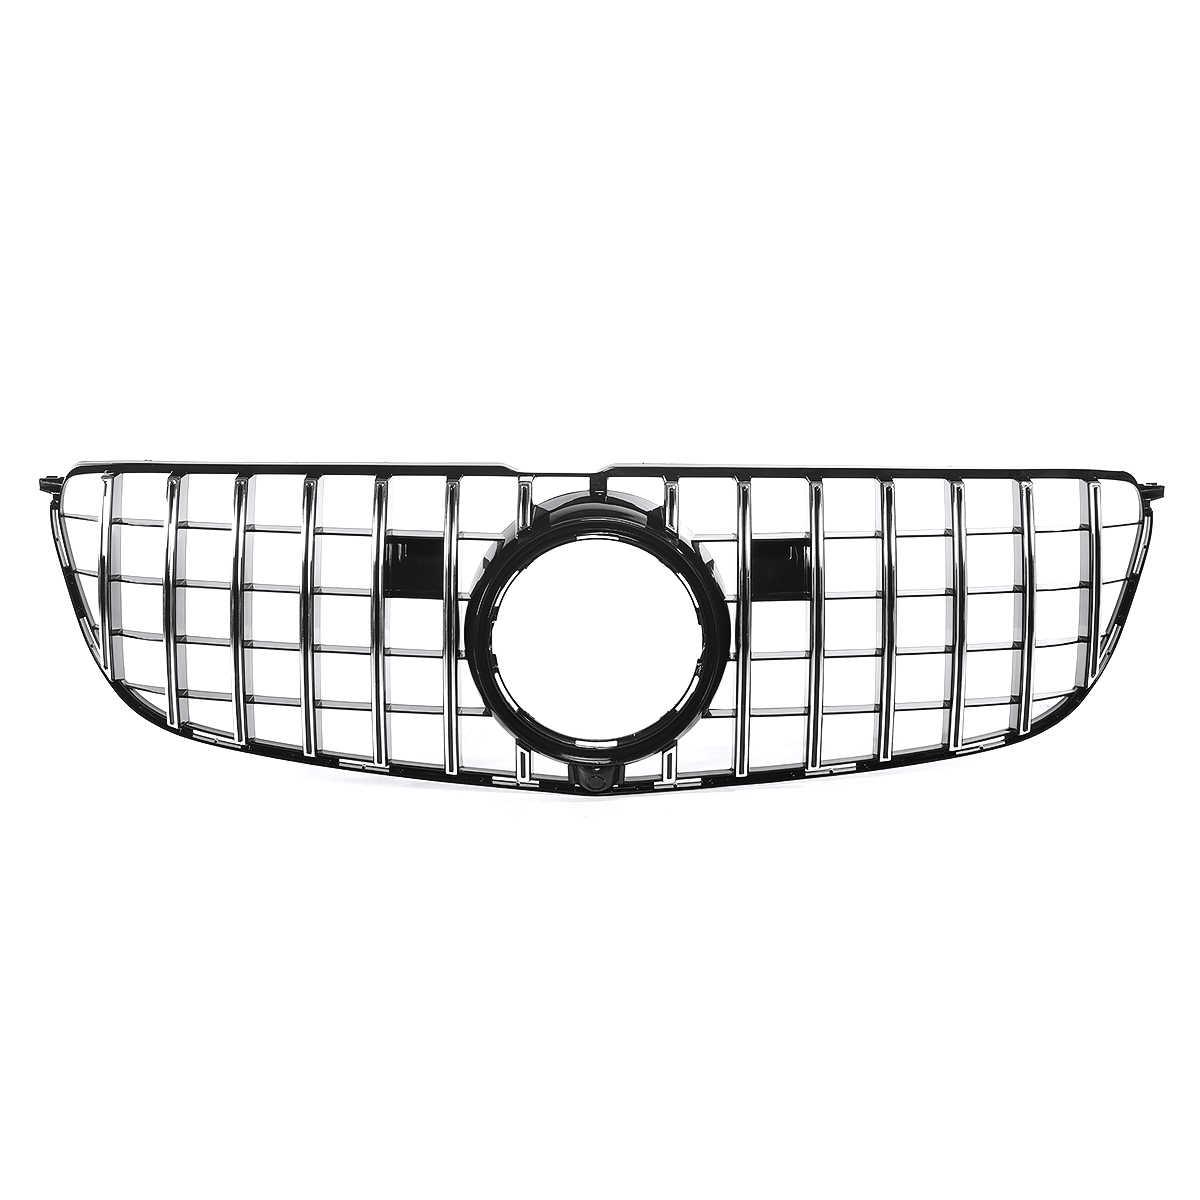 Color : Black SPLLEADER Hochwertige Auto-Grill Grills Autofrontsto/ßstange Mesh for Mercedes for Benz W205 for AMG Blick C200 C250 C300 C350 2015-2018